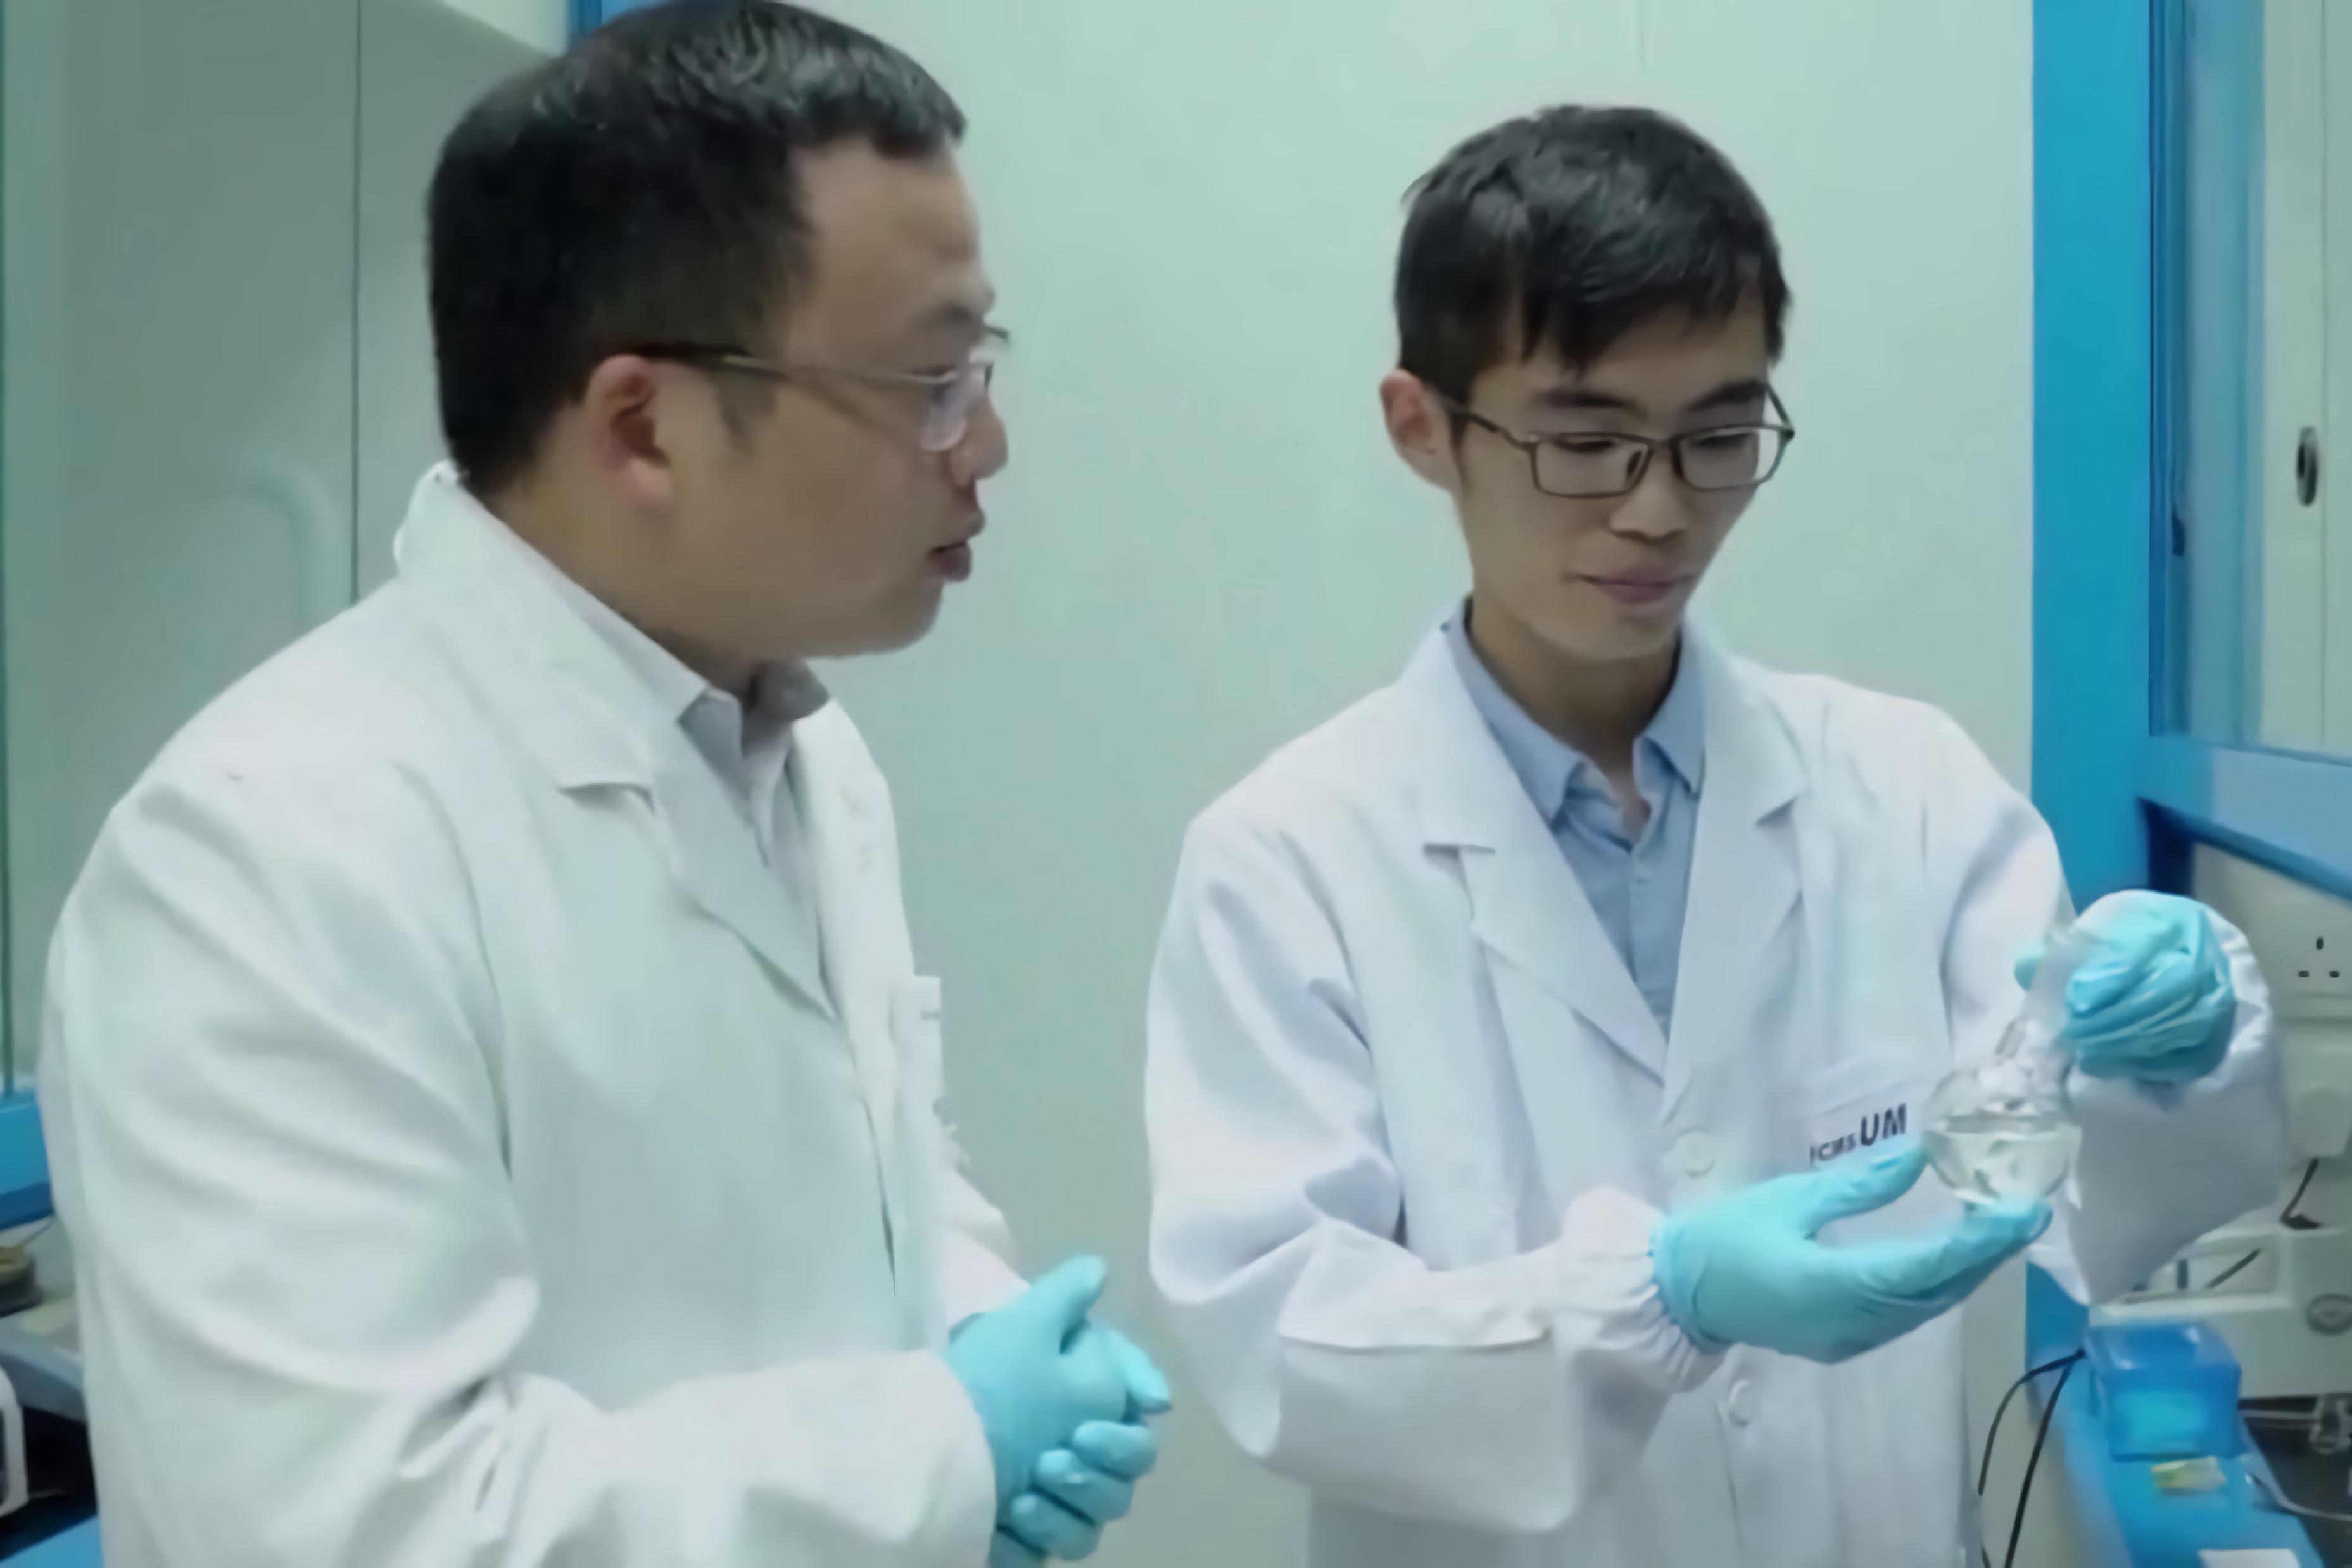 王春明(左)與邢盼飛討論研究